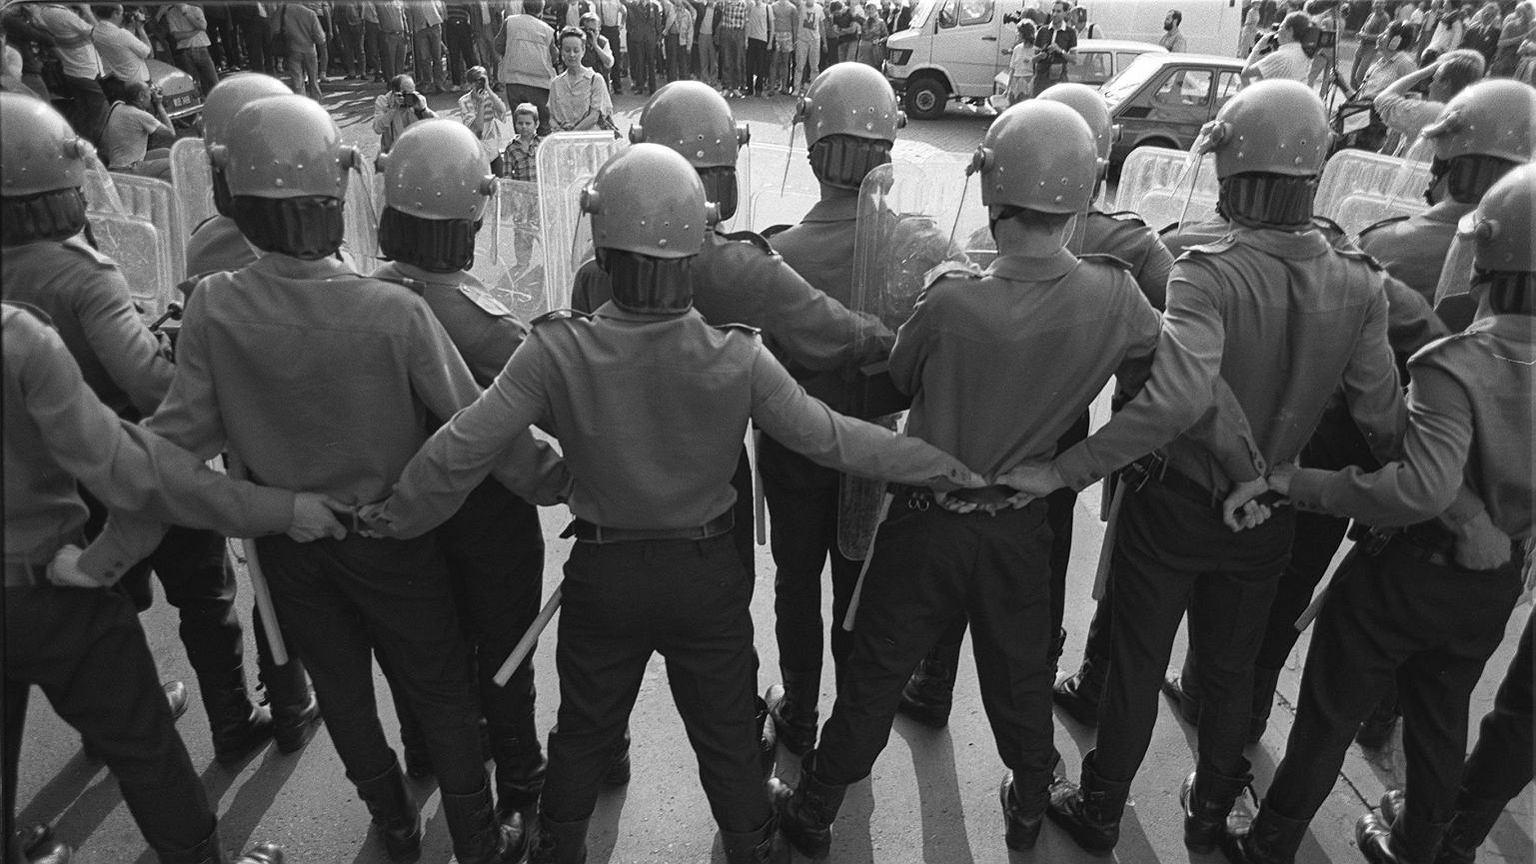 Milicja przed Sejmem, 1989 rok